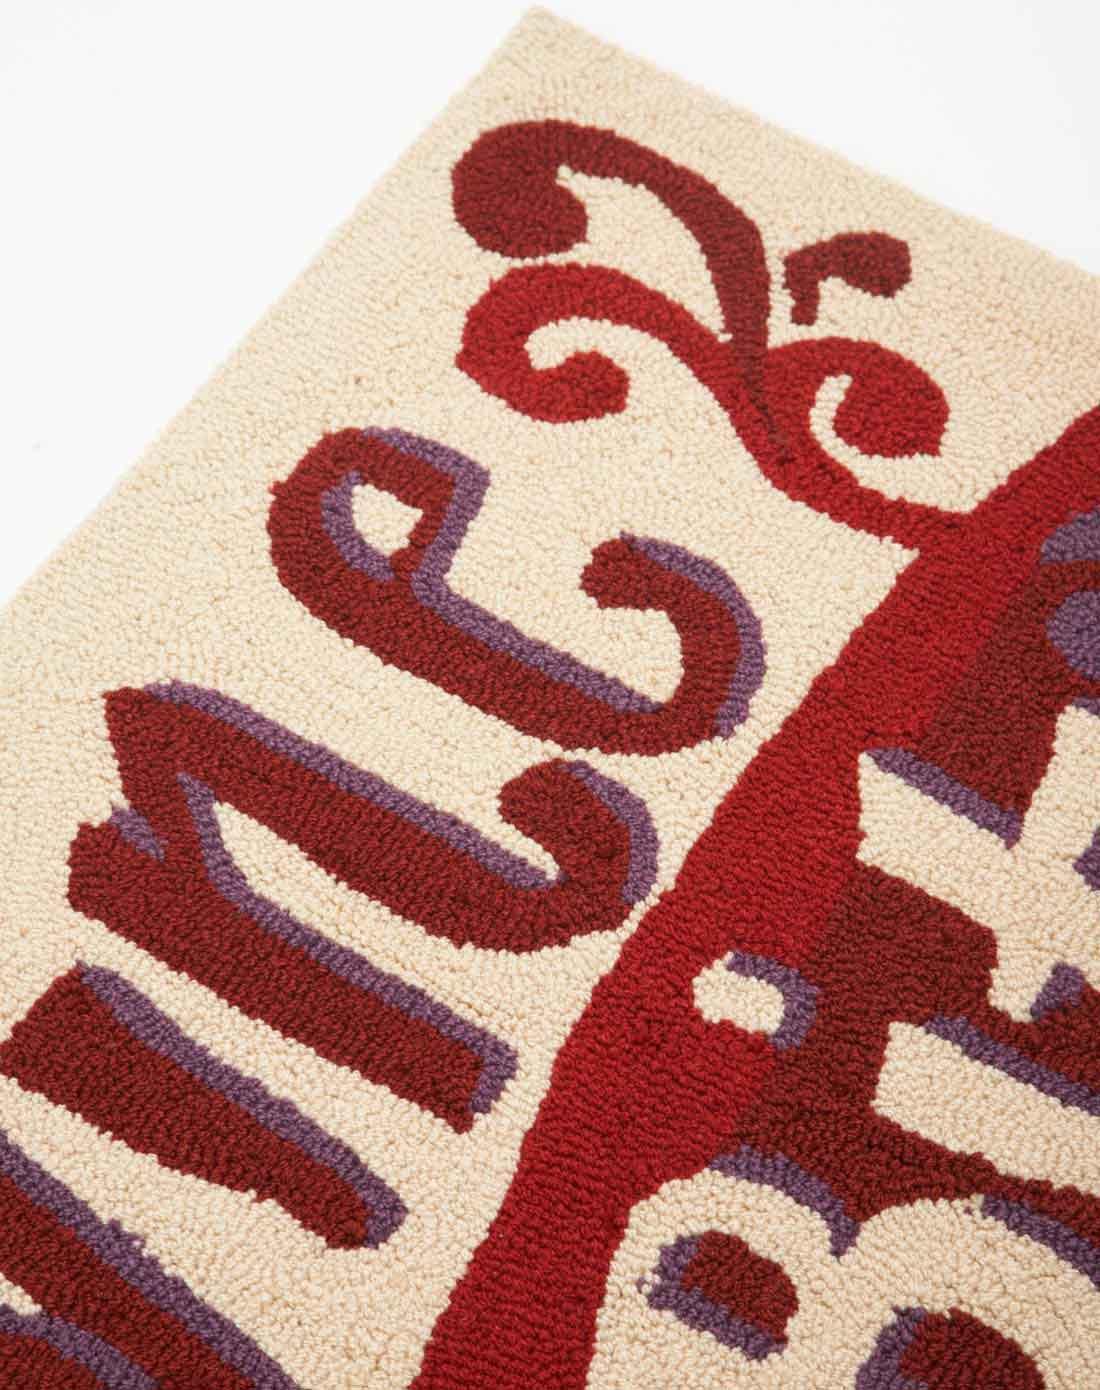 > 超大柔软手工编织居家地毯85*45cm